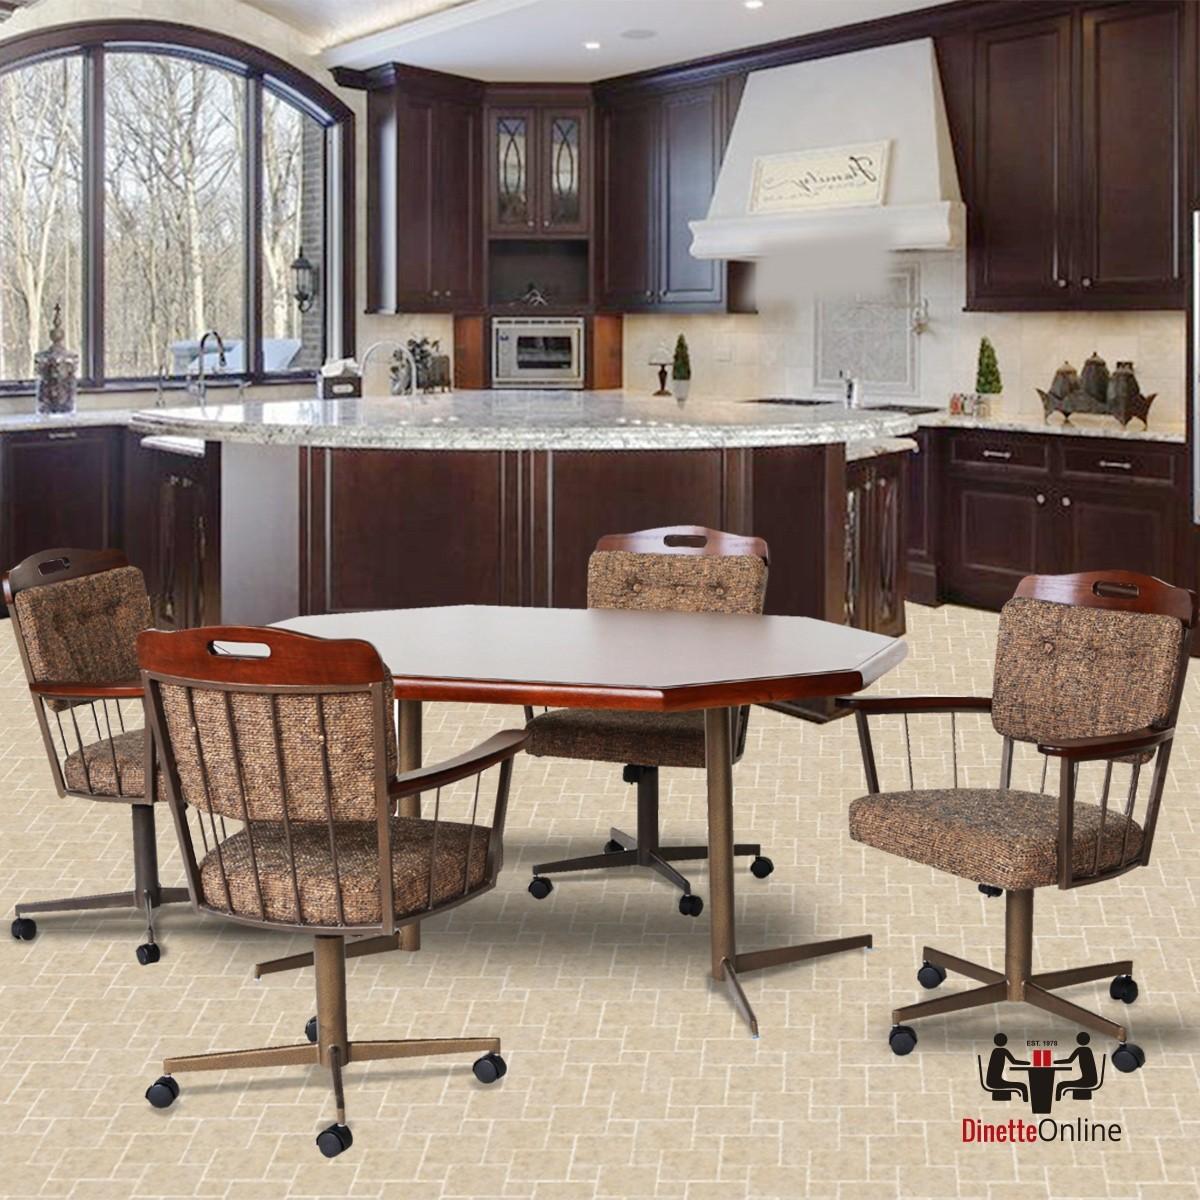 Douglas Casual Living : Douglas Casual Living Sharon Caster Dining Set - Dinette ...